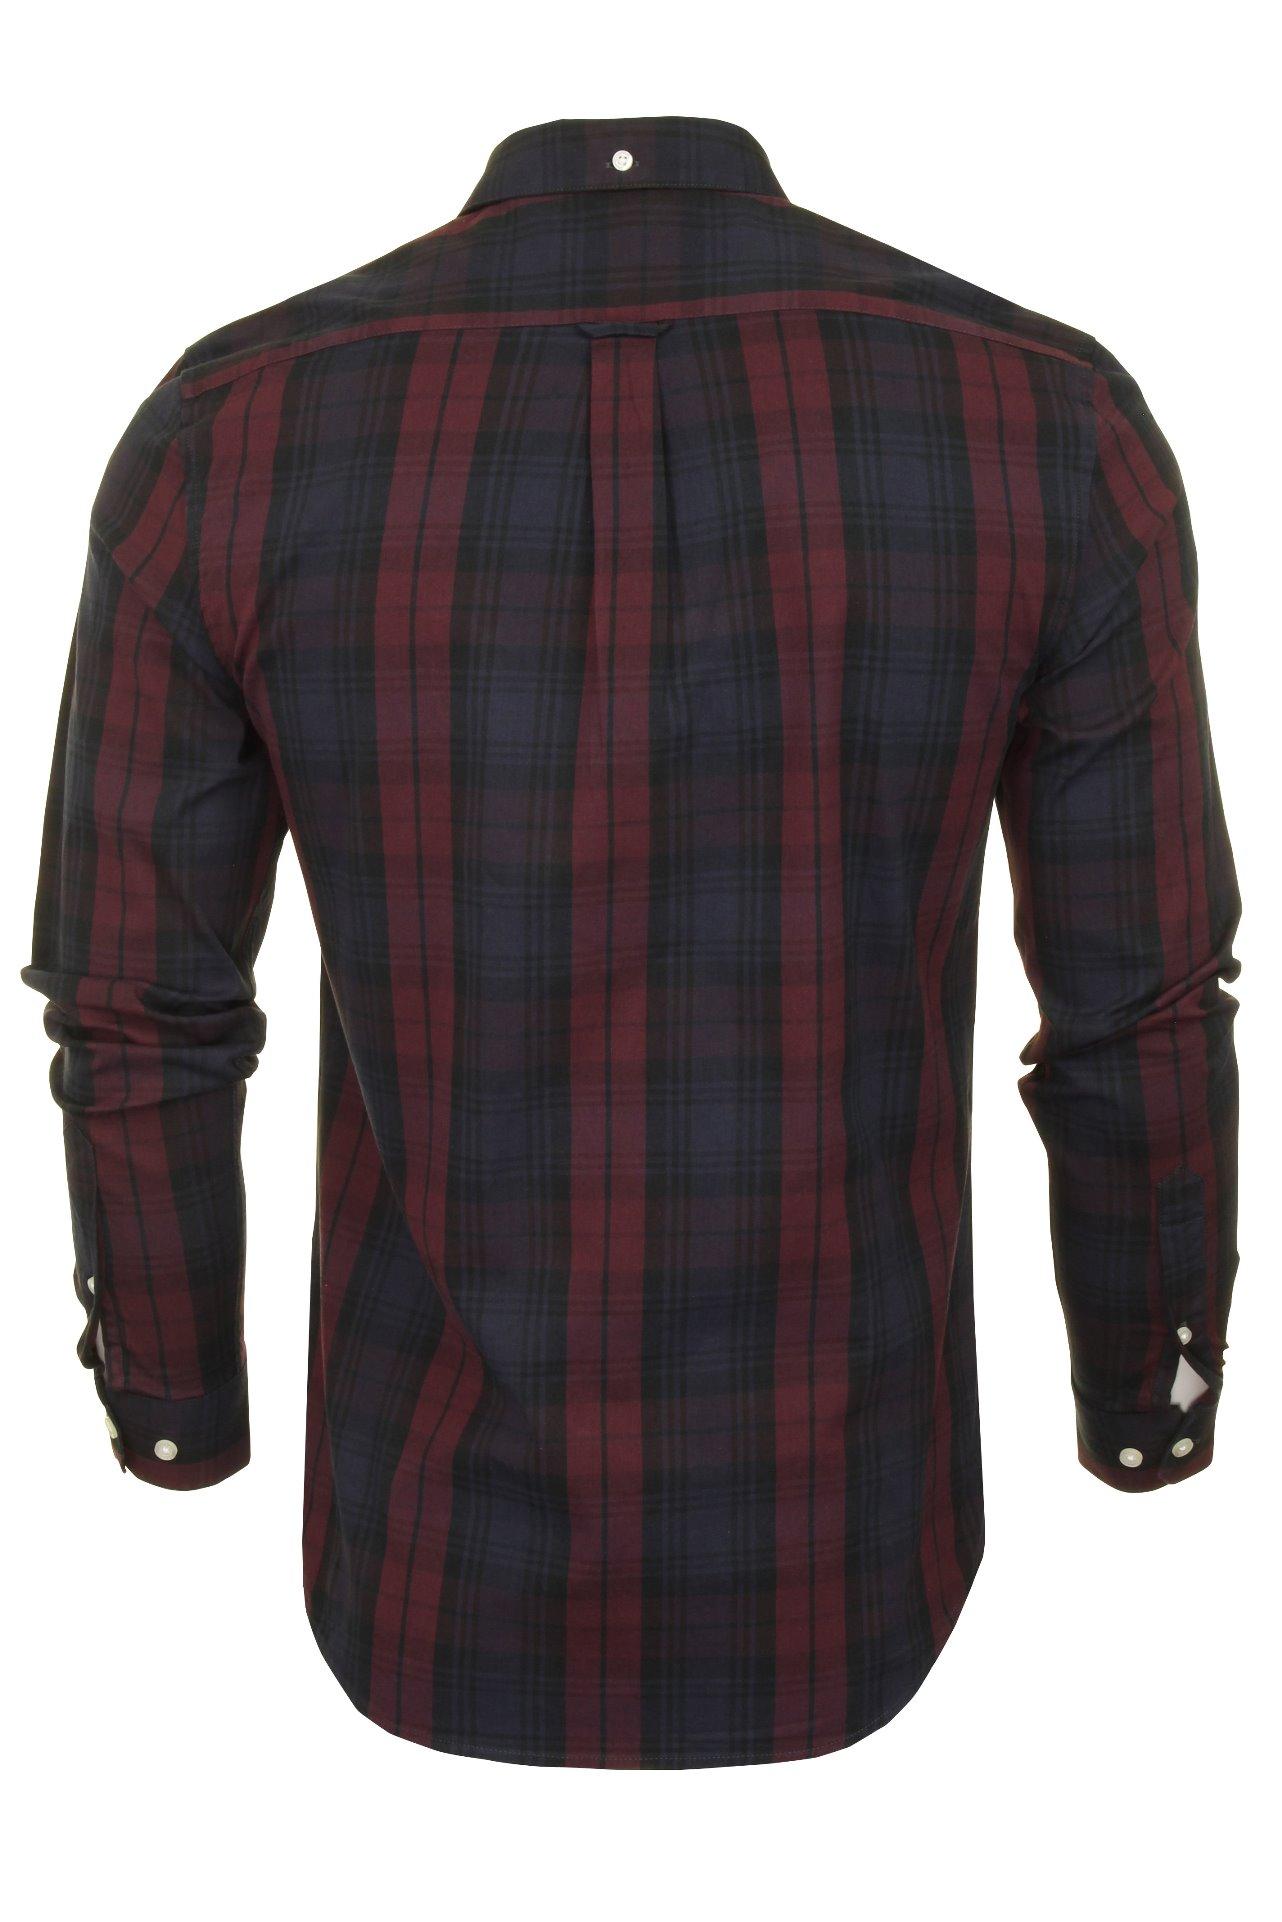 Farah-Mens-Check-Shirt-039-Brewer-Blackwatch-039-Long-Sleeved thumbnail 8